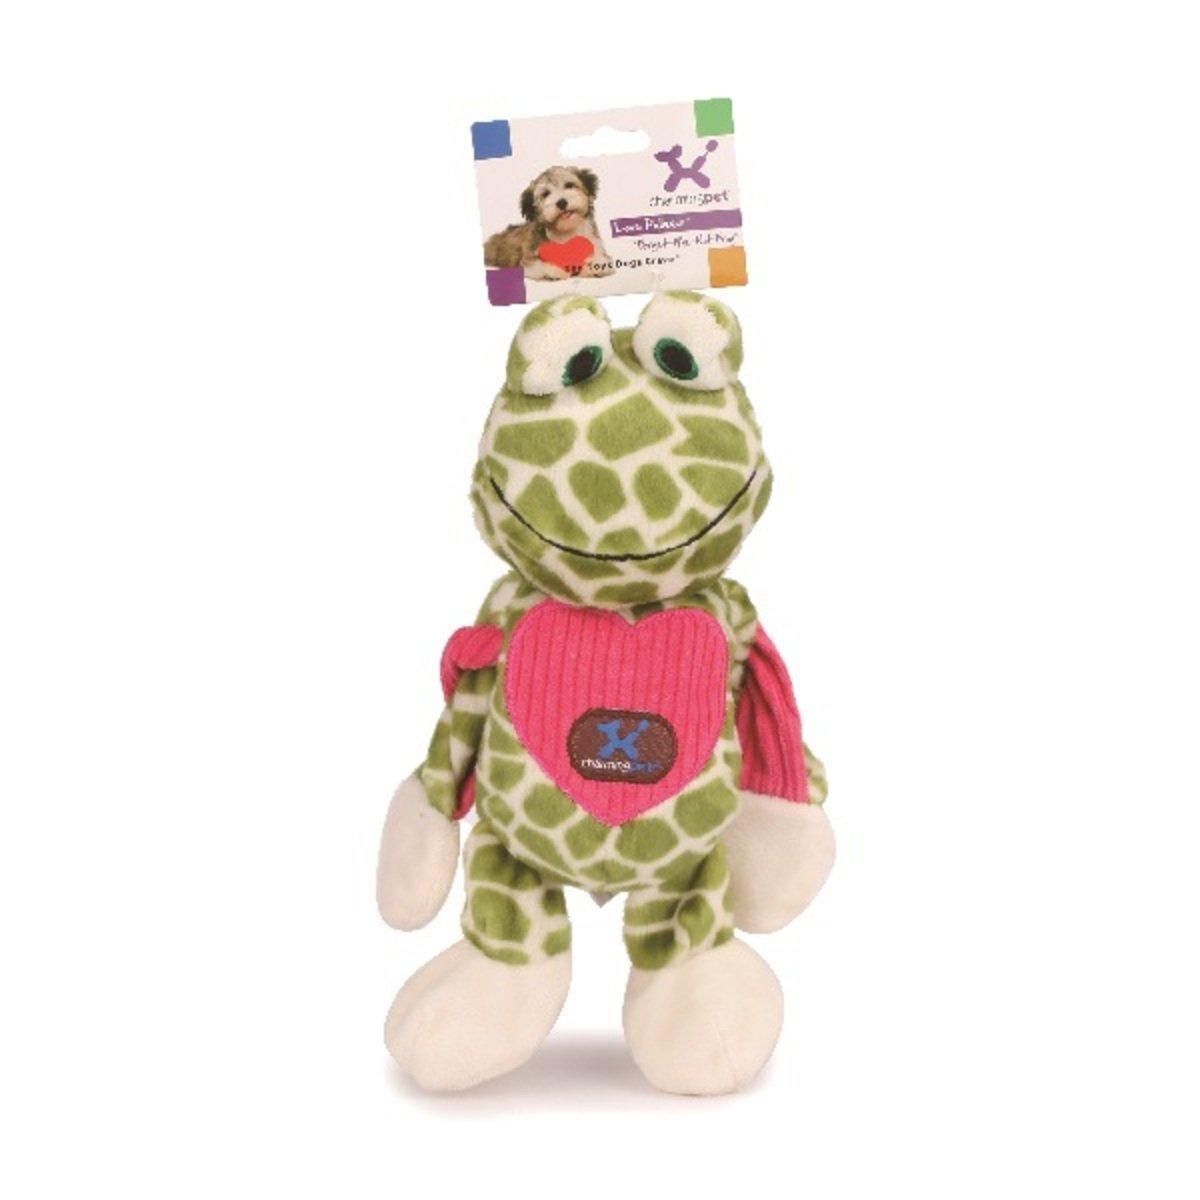 寵物可扭動發聲玩具 ﹣愛心青蛙